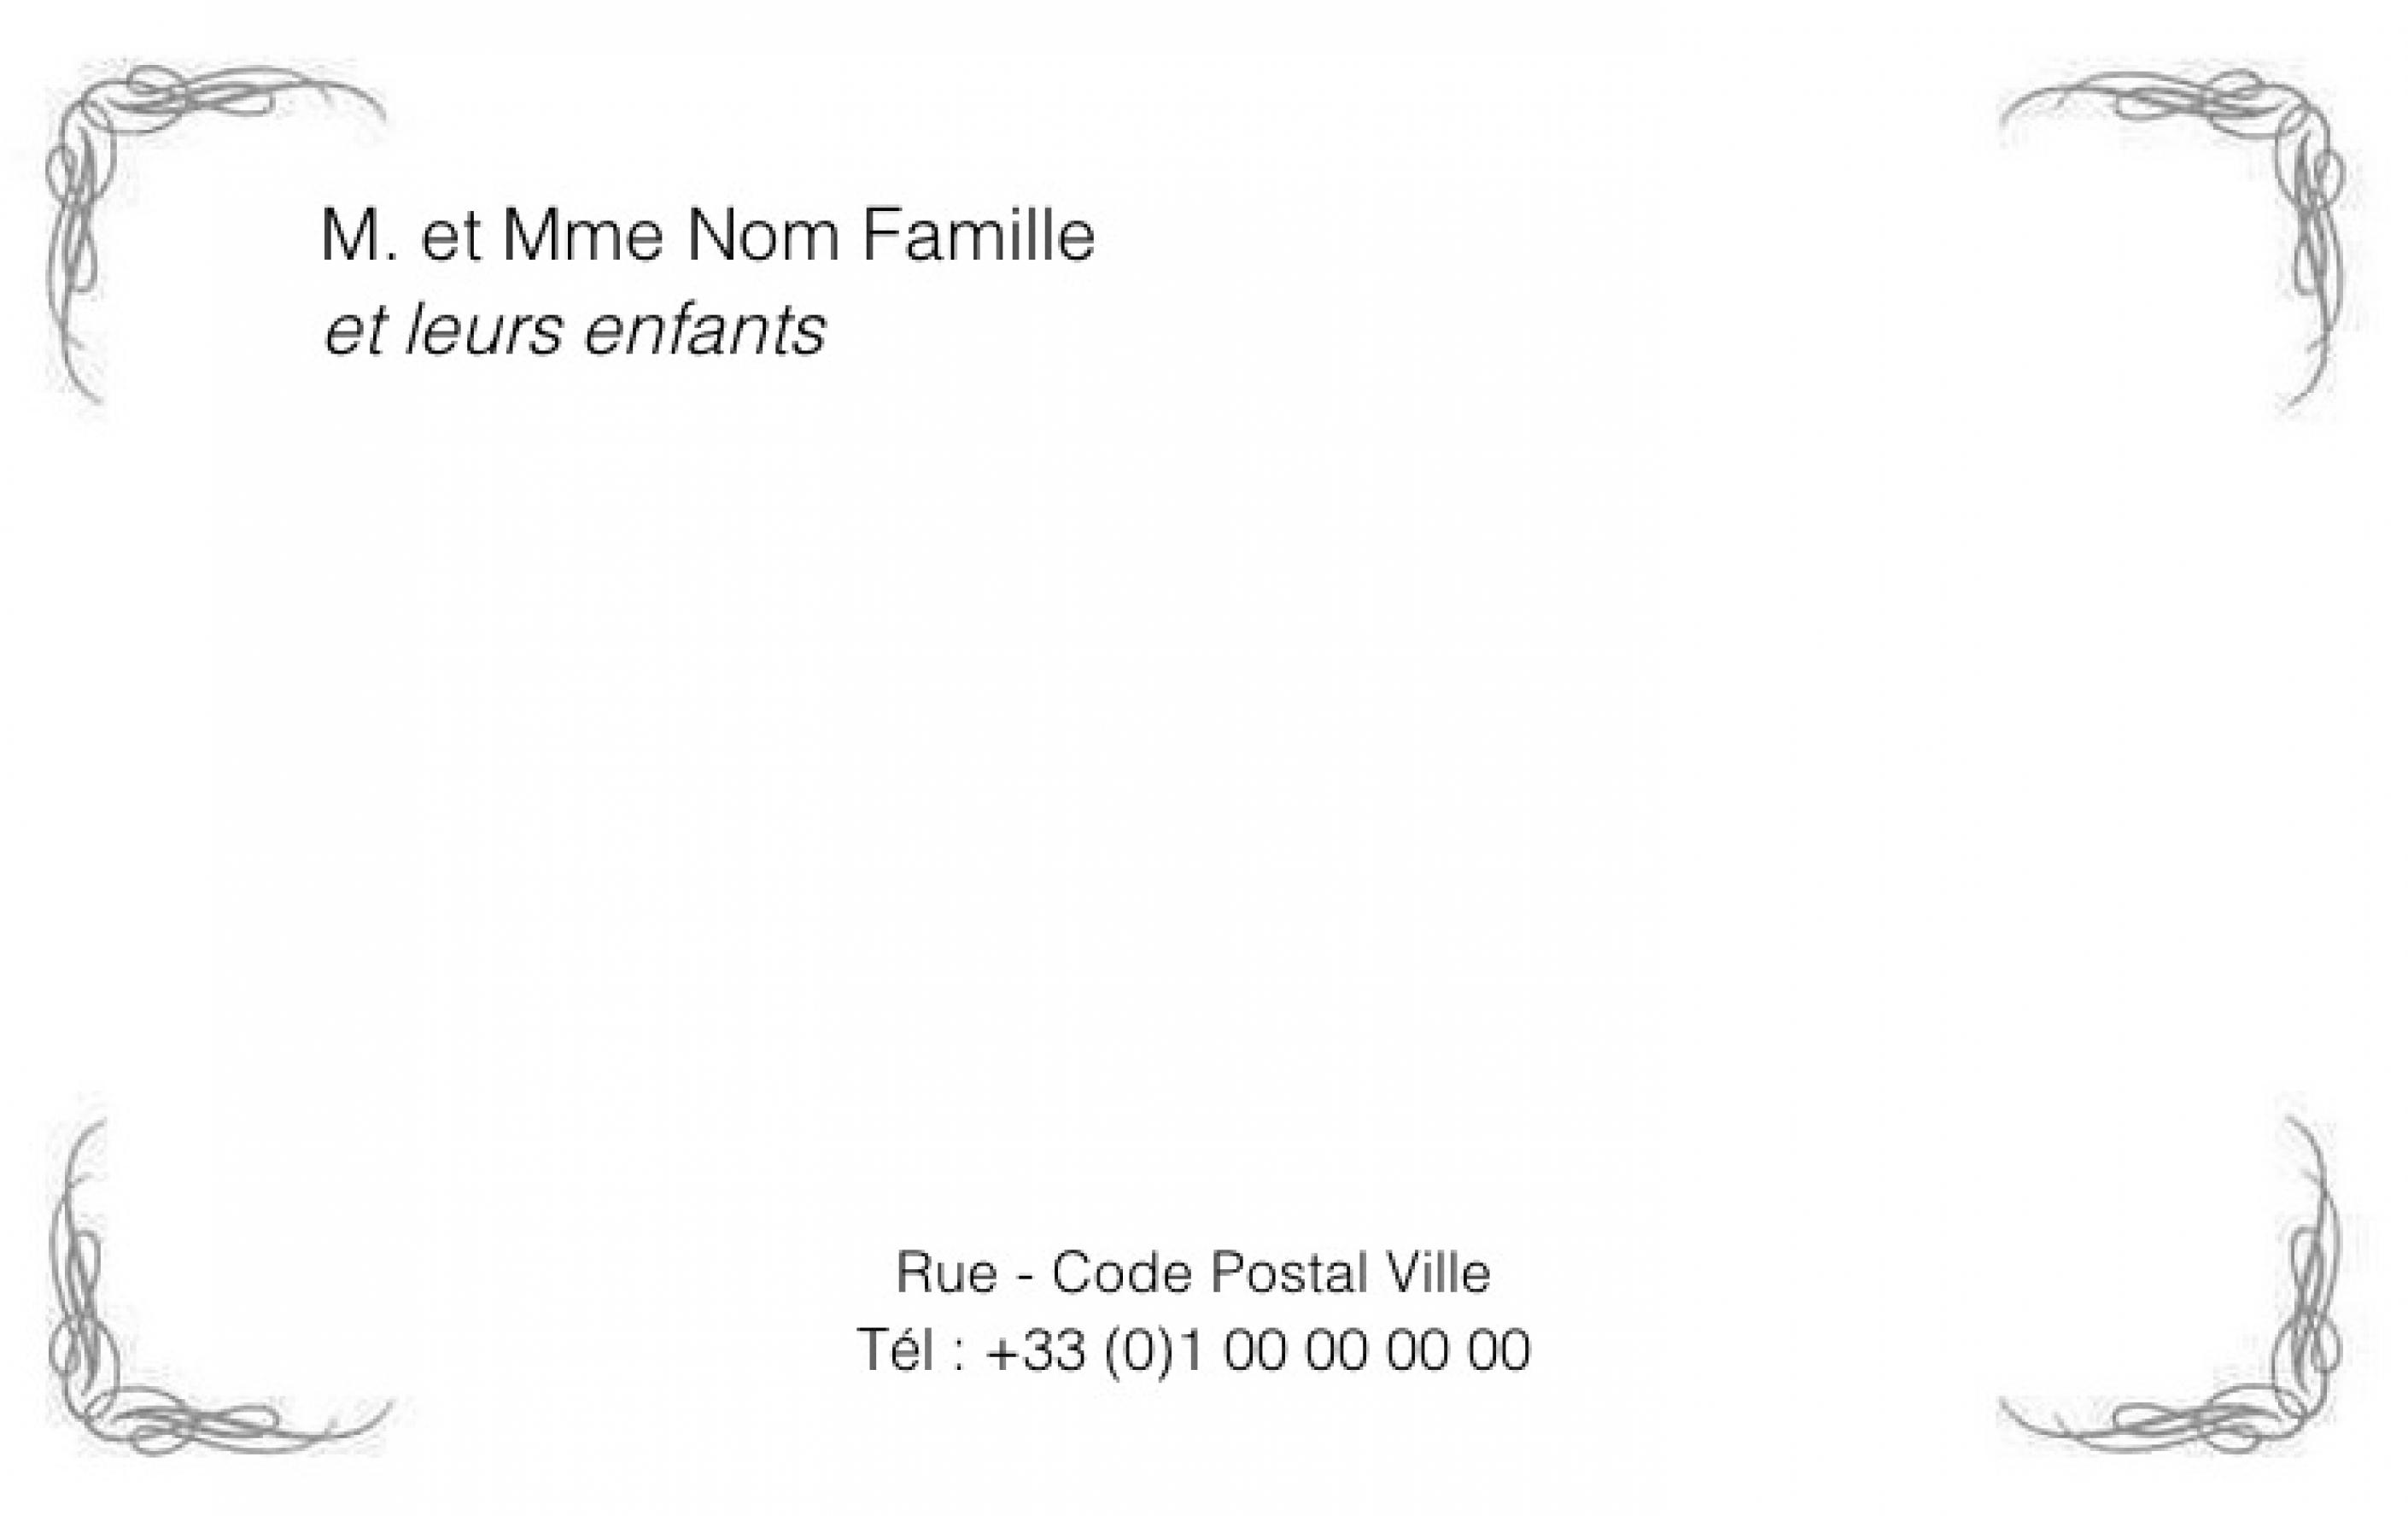 BModle Carte De Visite Gratuit Particulier Grand Format Personnaliser B Famille Grande Familiale En